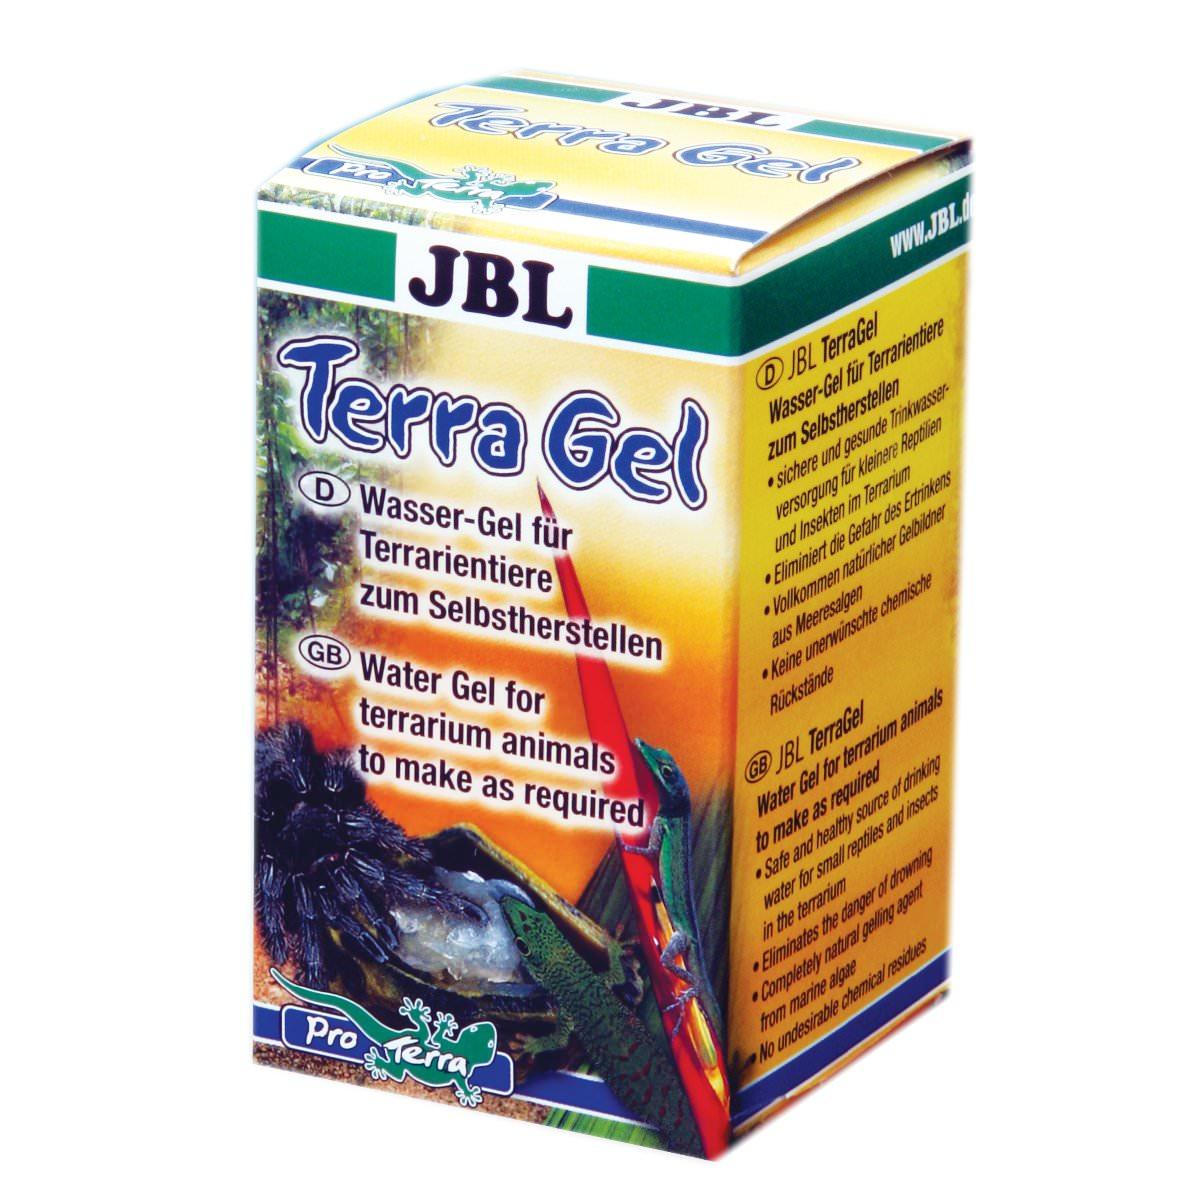 JBL TerraGel gel aqueux à préparer soi-même pour animaux de terrarium